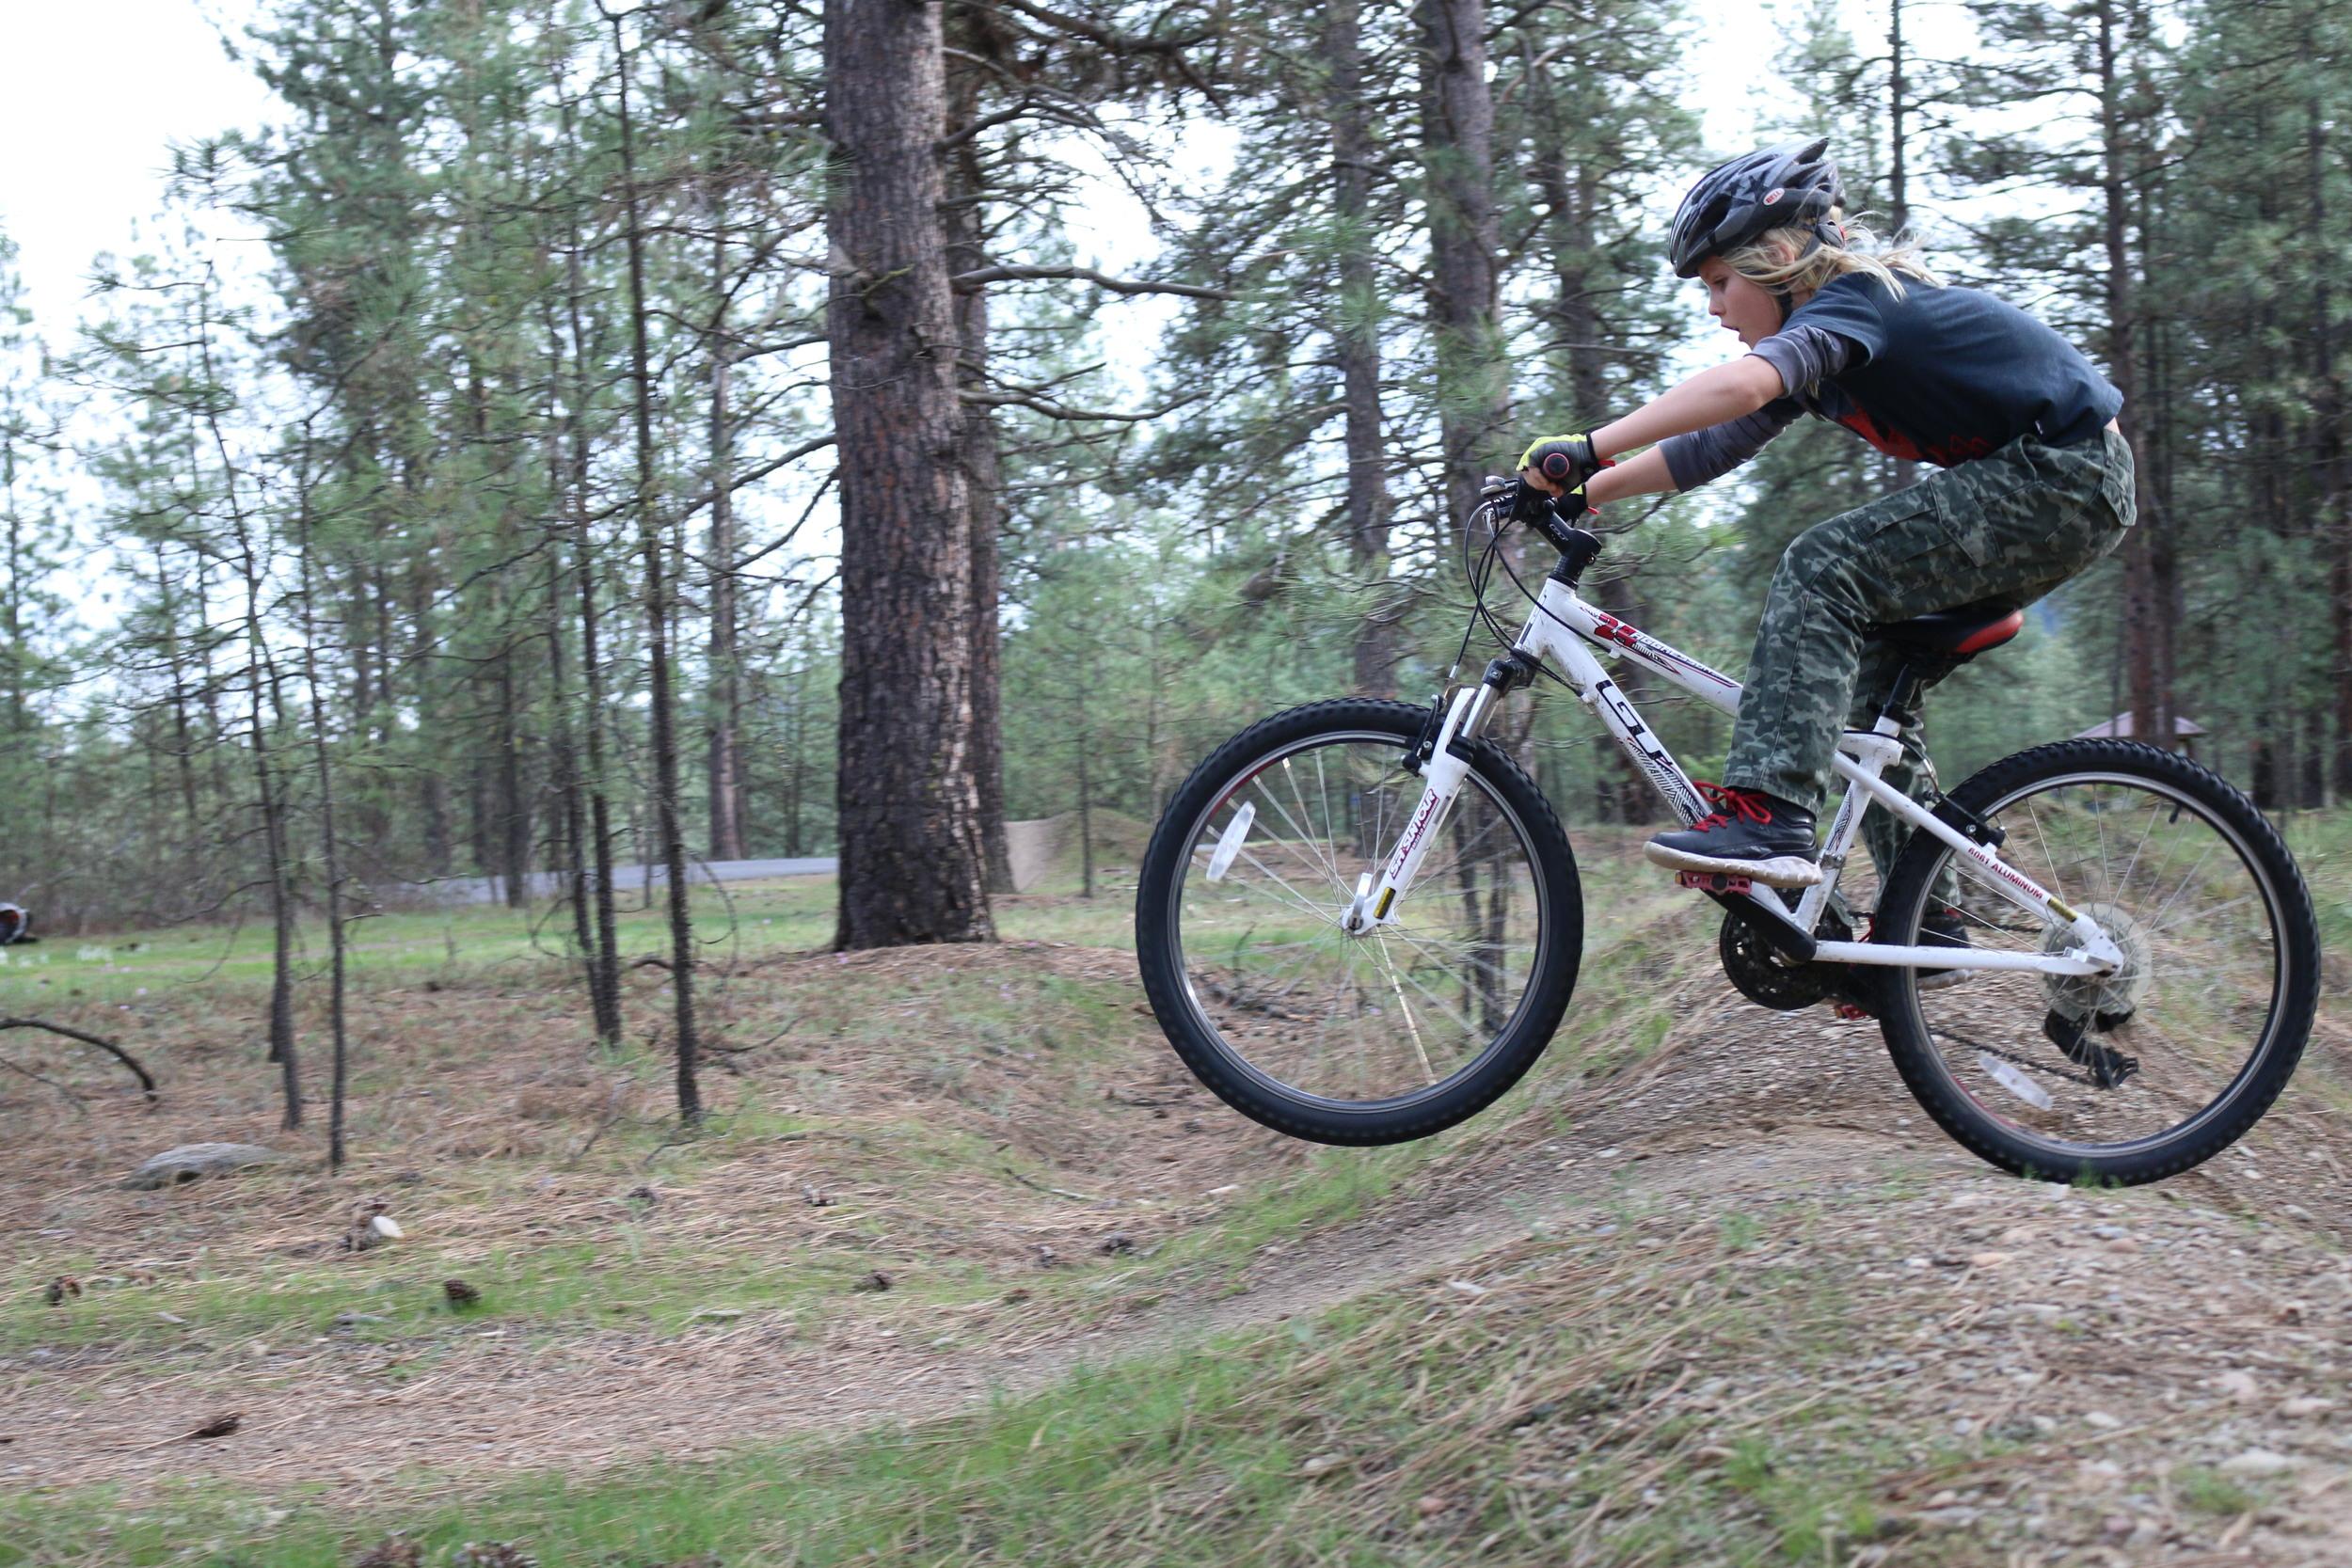 Rhys launching